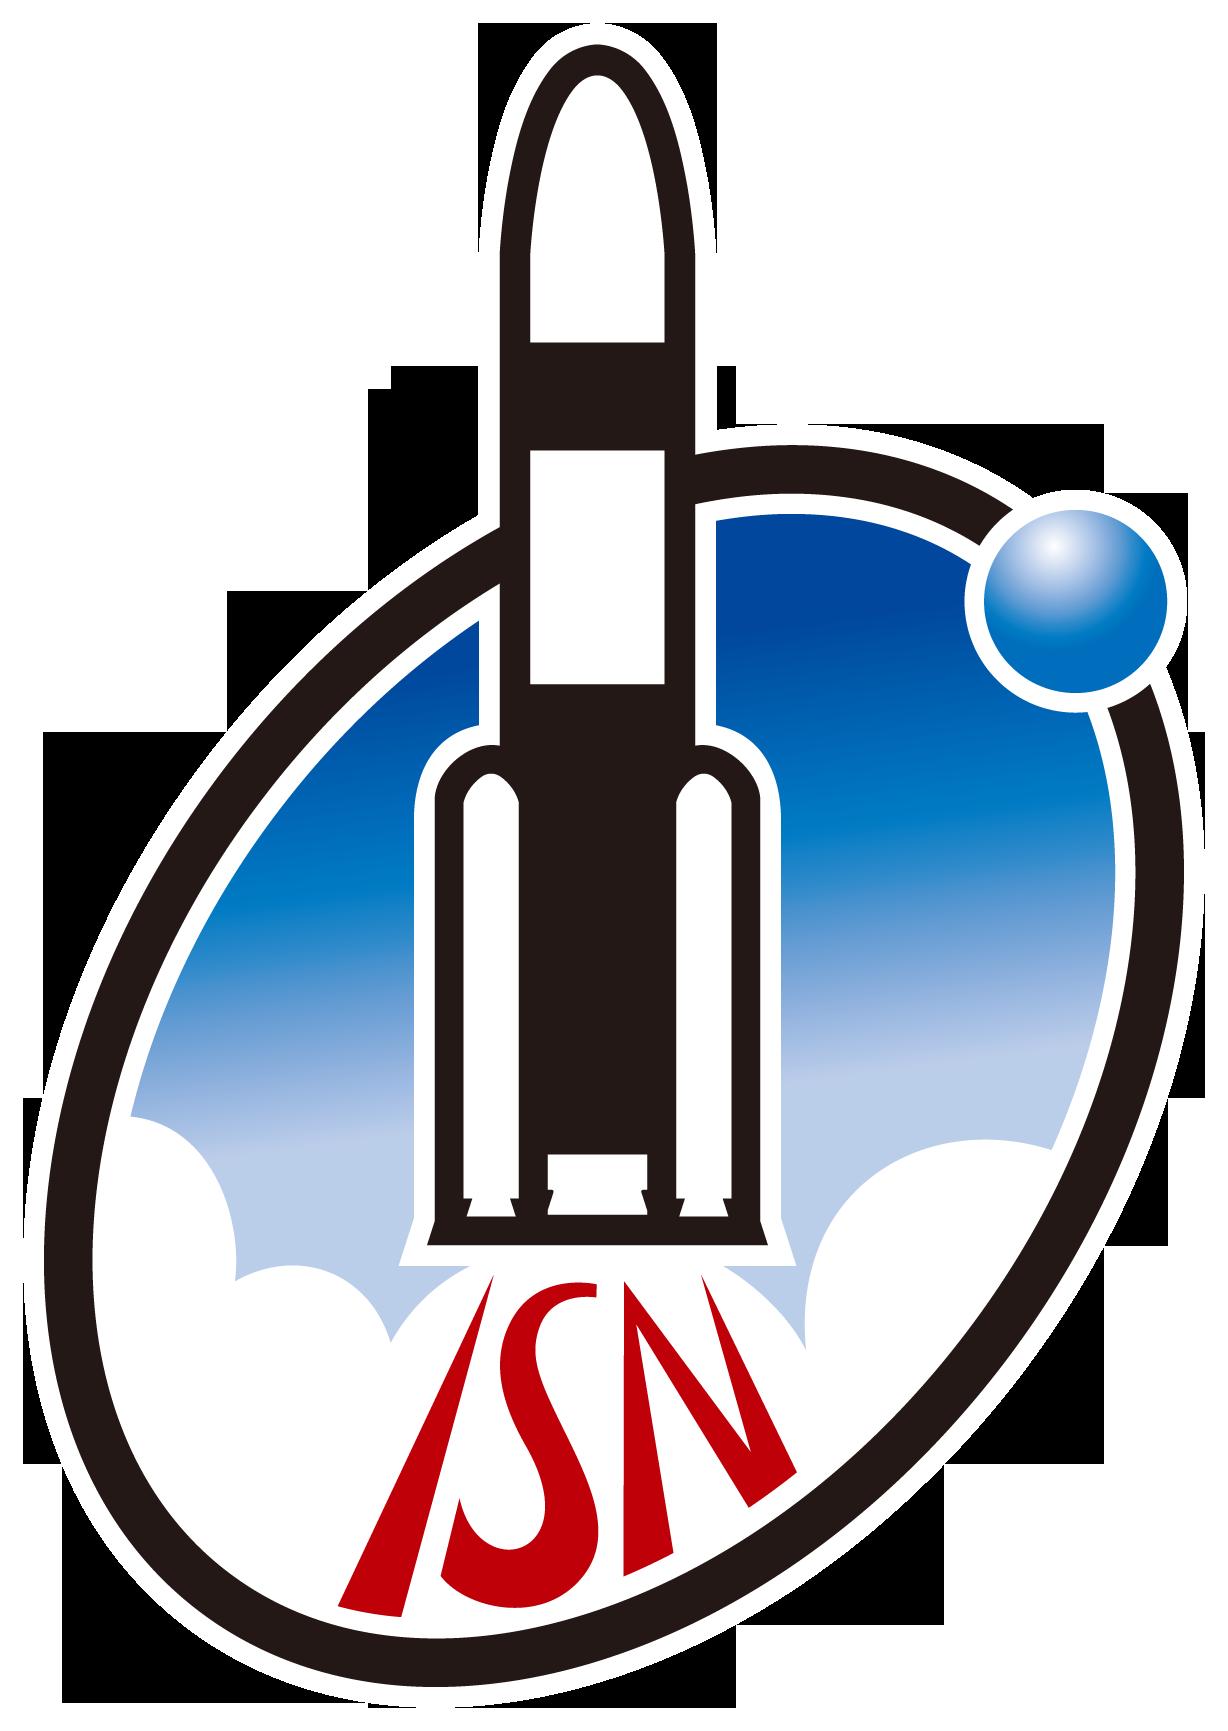 行政/公的機関/各種団体とイラストと黒のロゴ